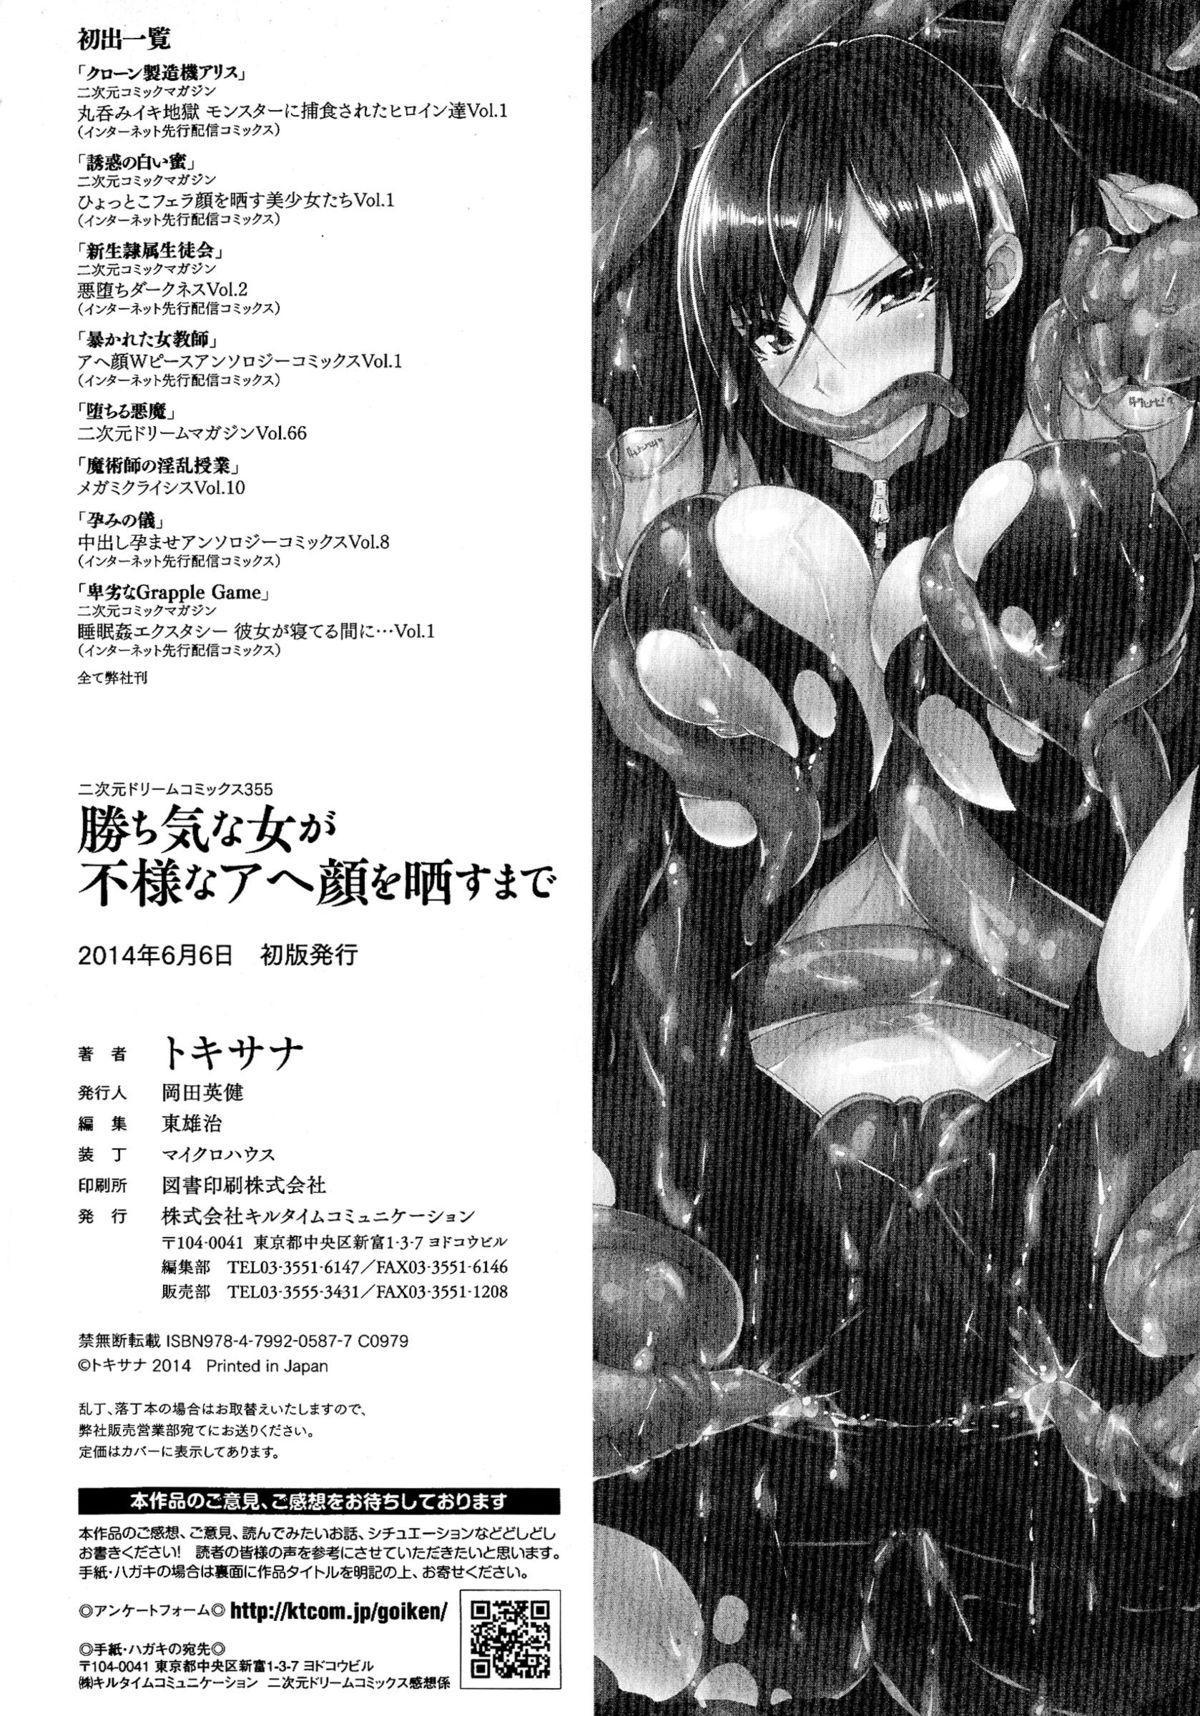 Kachiki na Onna ga Buzama na Ahegao o Sarasu made 161